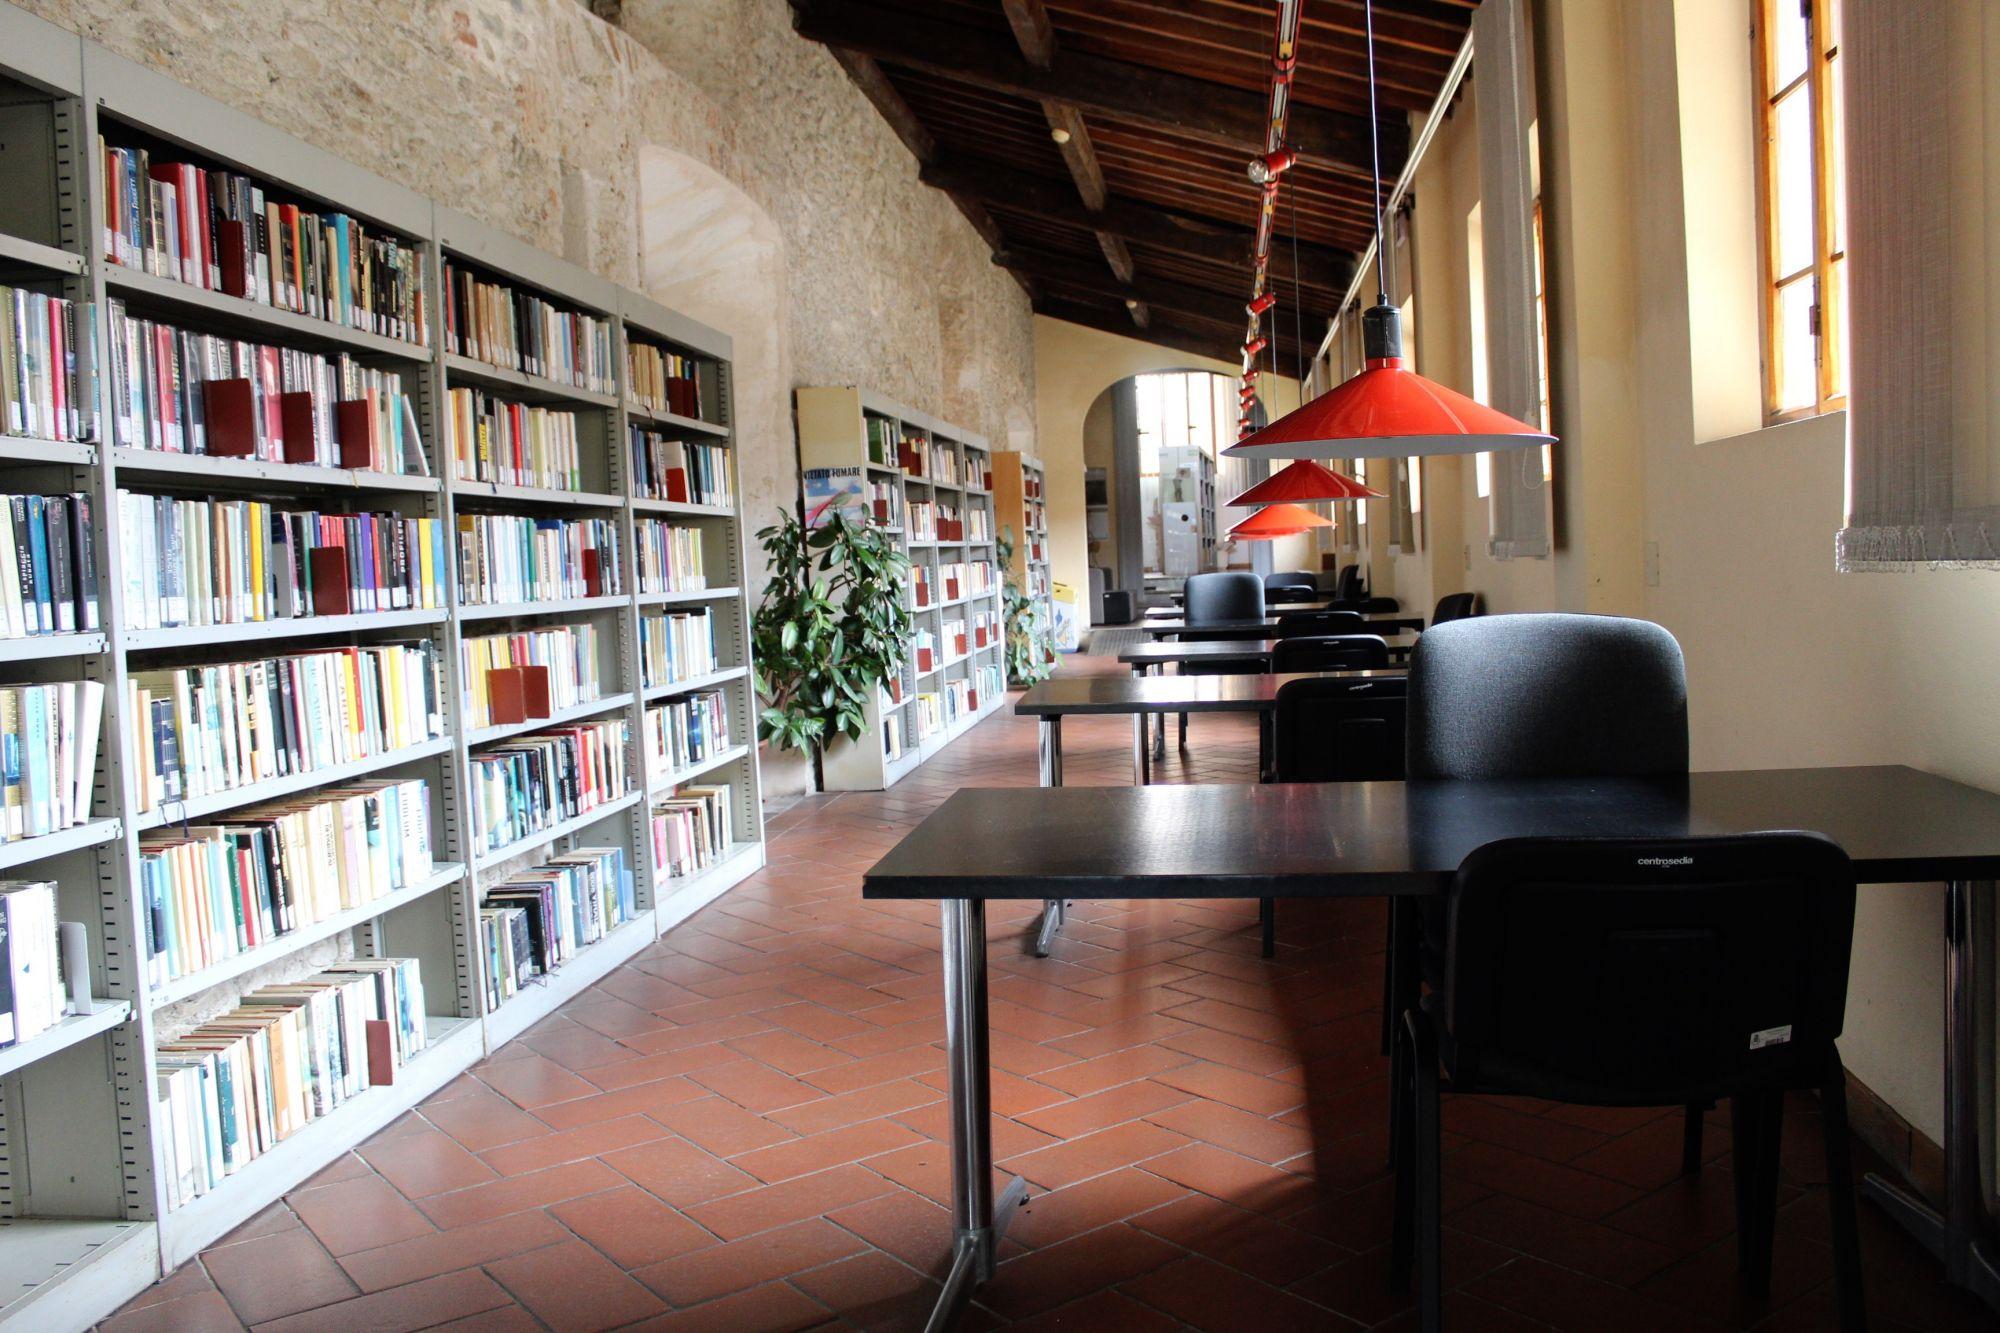 La Biblioteca comunale Lorenzo Quartieri di Forte dei Marmi riapre al pubblico